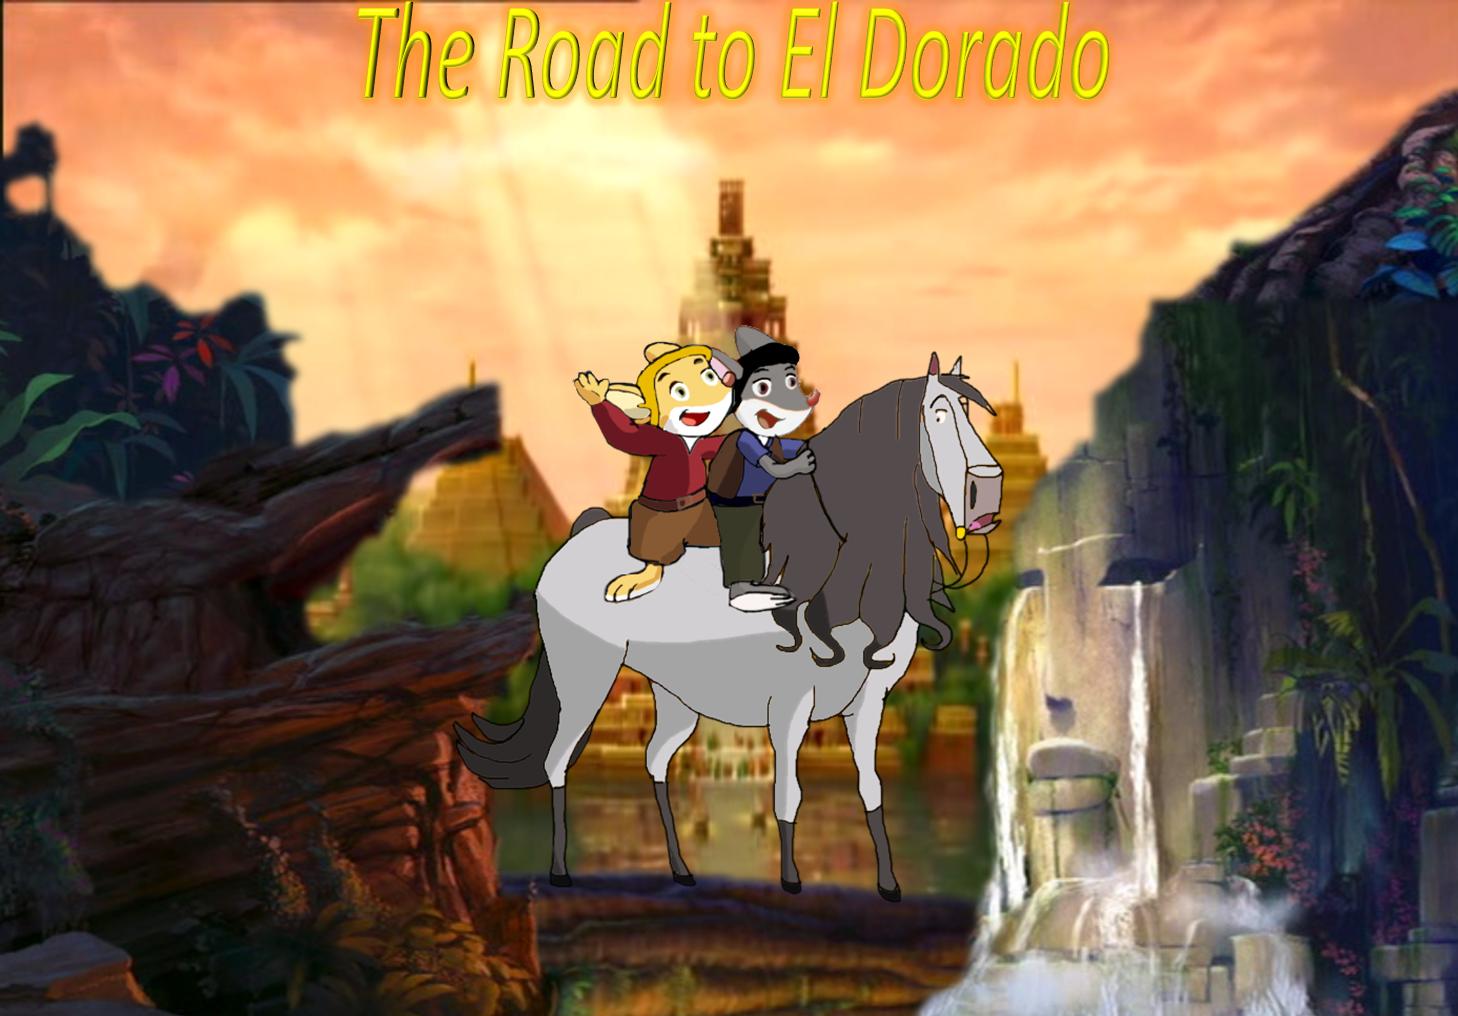 The Road to El Dorado by vasilia95